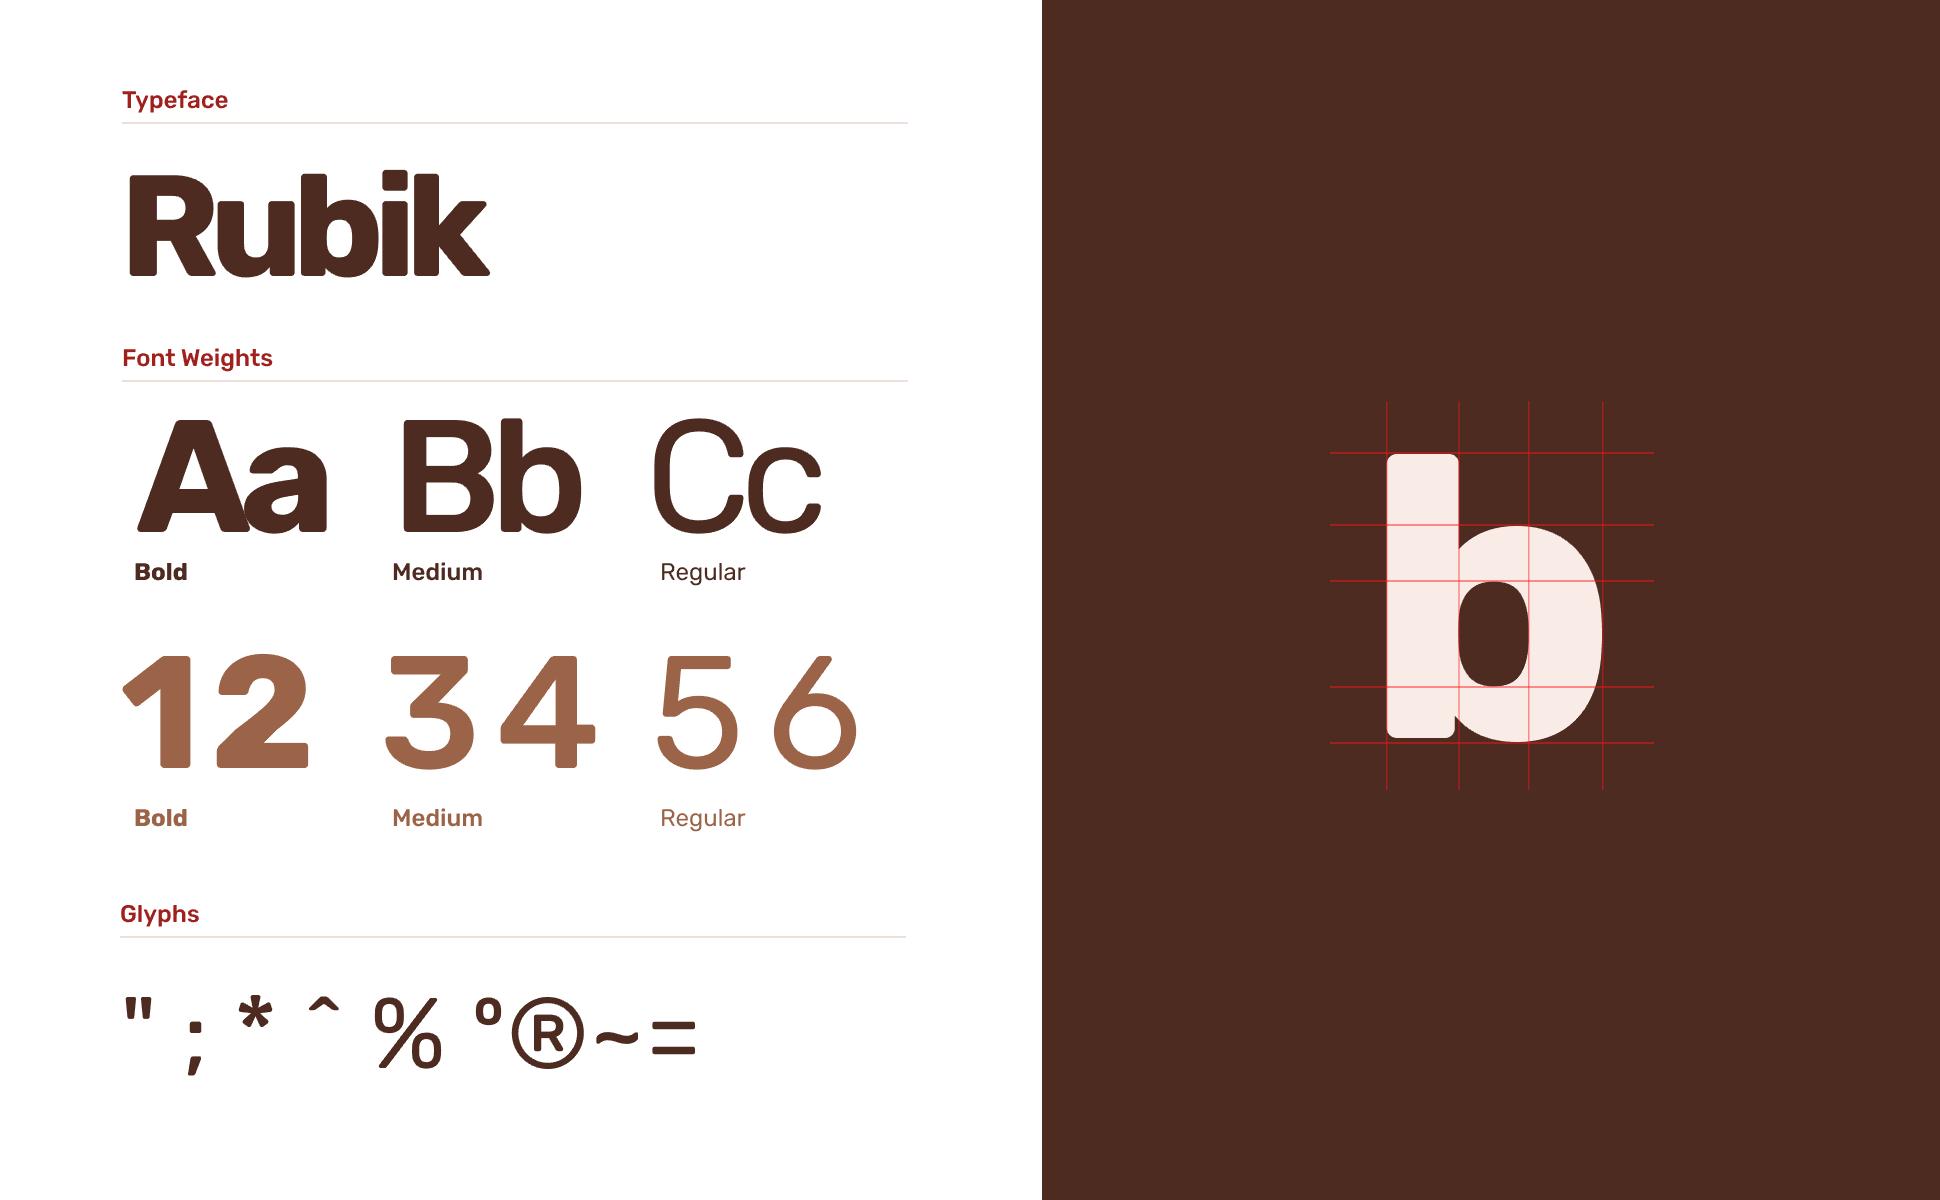 Typography@2x